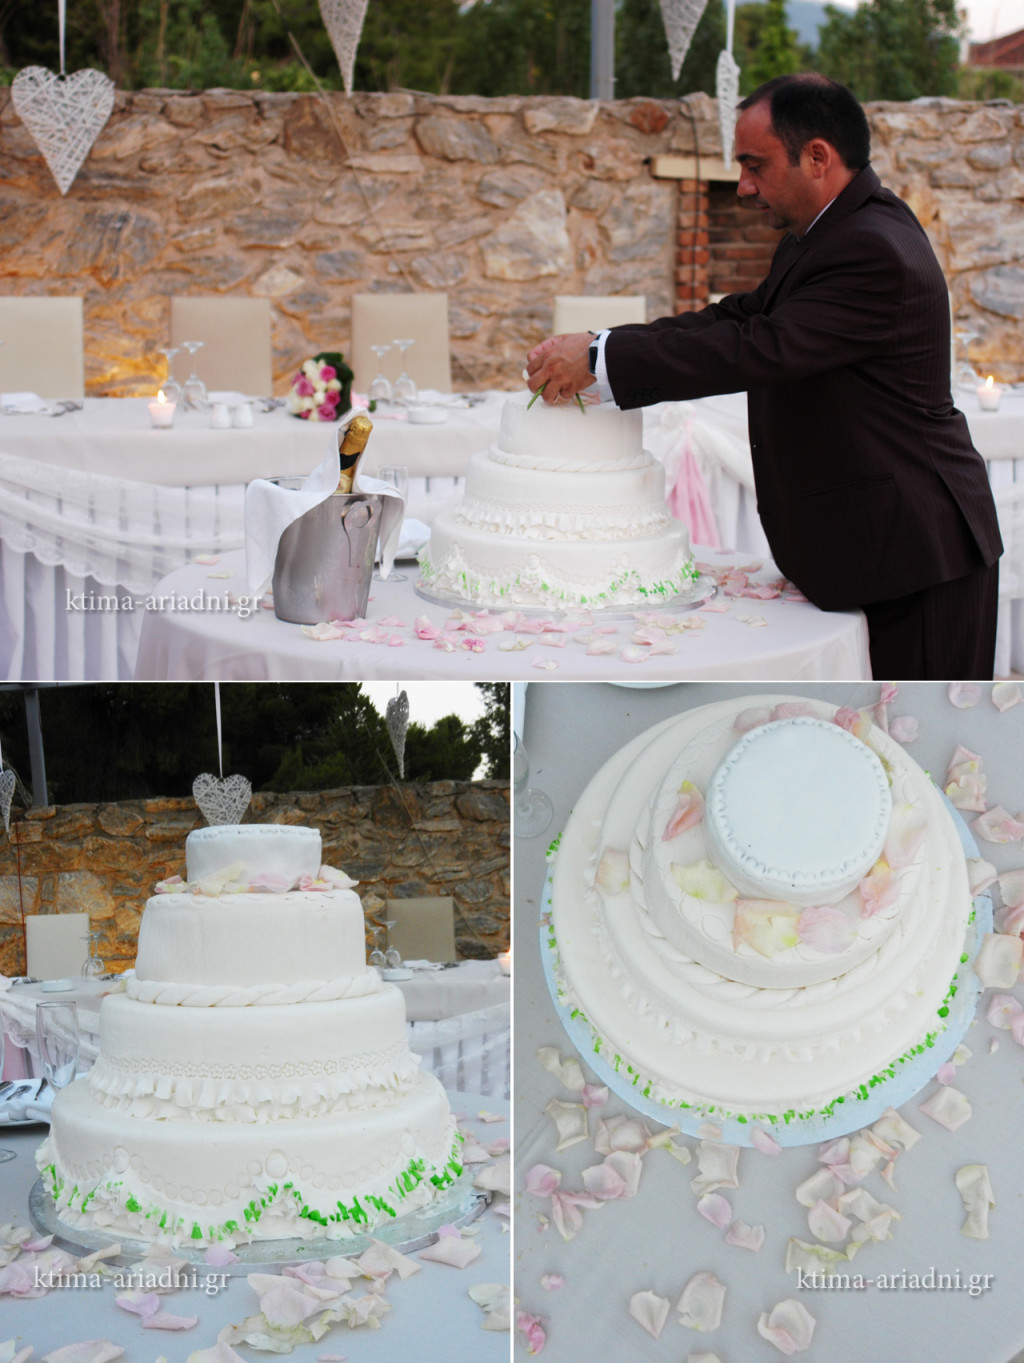 Η γαμήλια τούρτα έλαβε τη θέση της στο τραπέζι μαζί με τη σαμπάνια και δέχθηκε τη φροντίδα του Maitre στις μικρές λεπτομέρειες